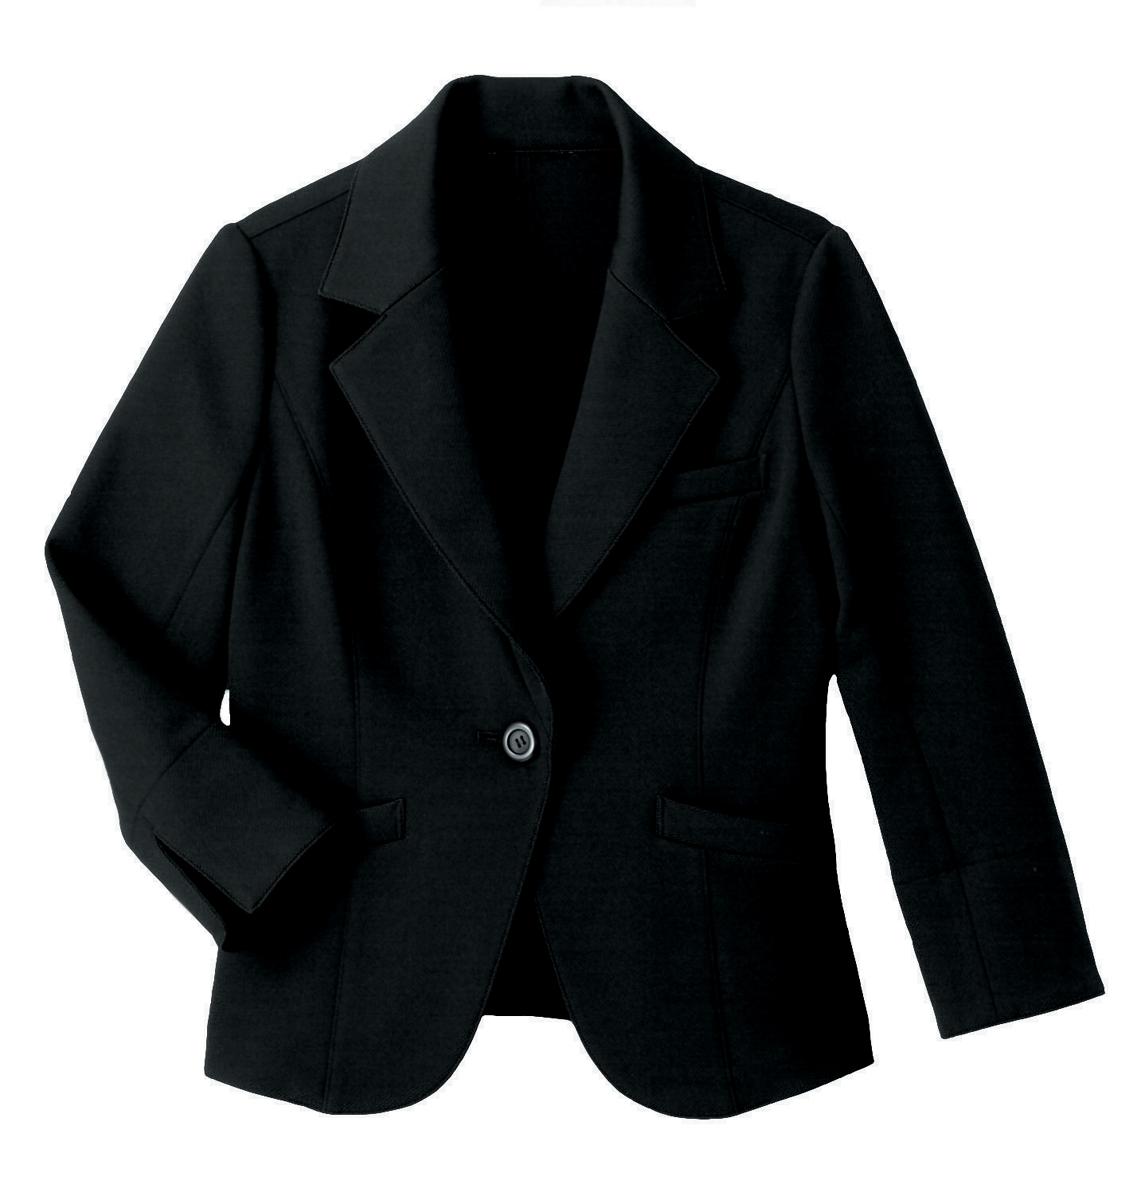 【ハネクトーン】ジャケット(裏なし)ブラック(WP159-8)